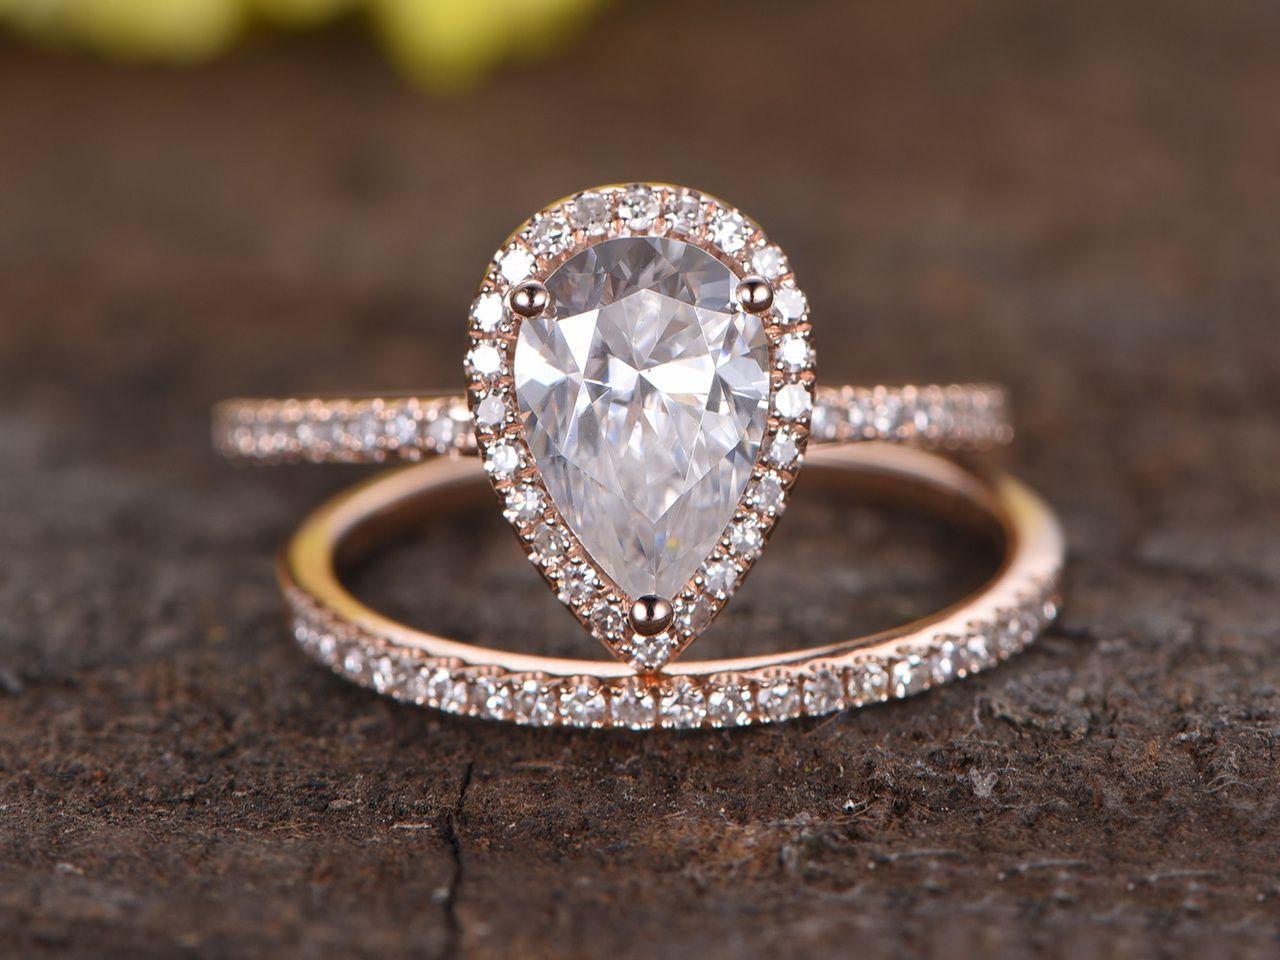 как исполнитель самое красивое обручальное кольцо в мире фото проявляя себя